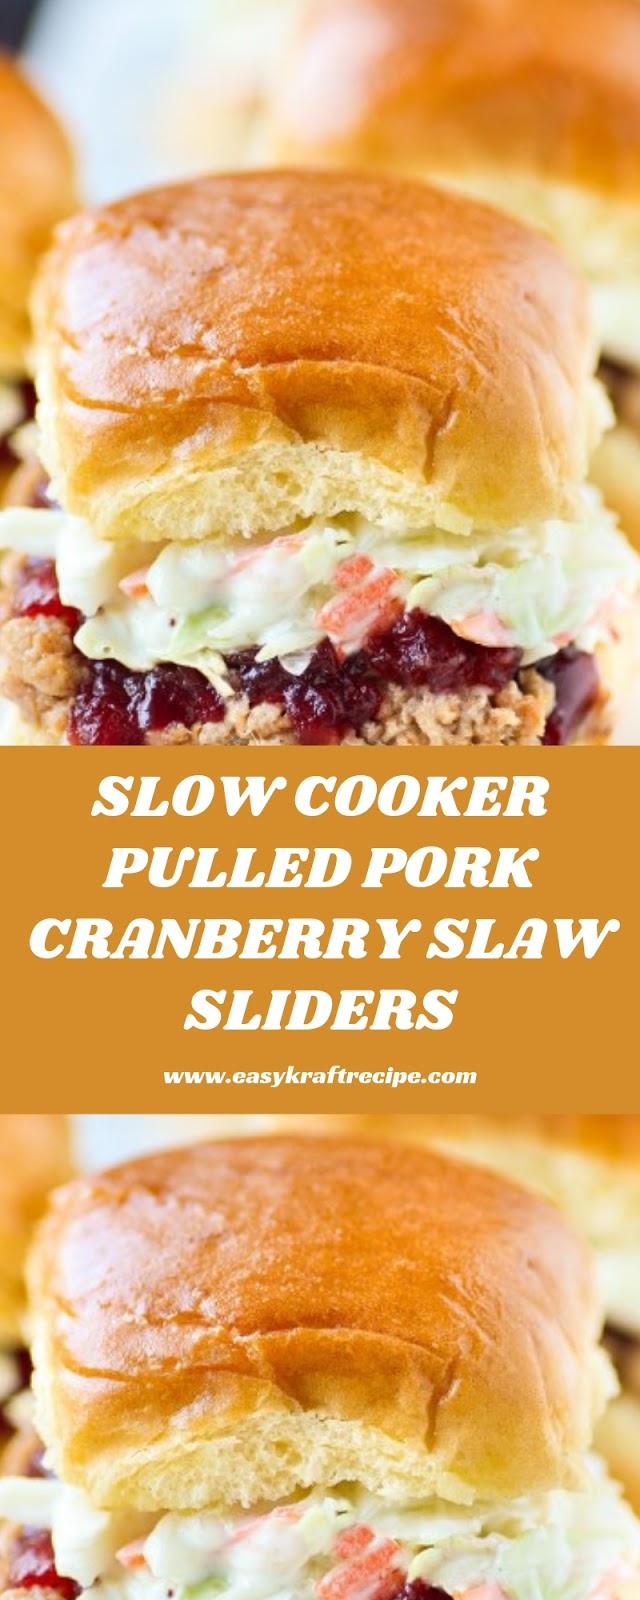 SLOW COOKER PULLED PORK CRANBERRY SLAW SLIDERS